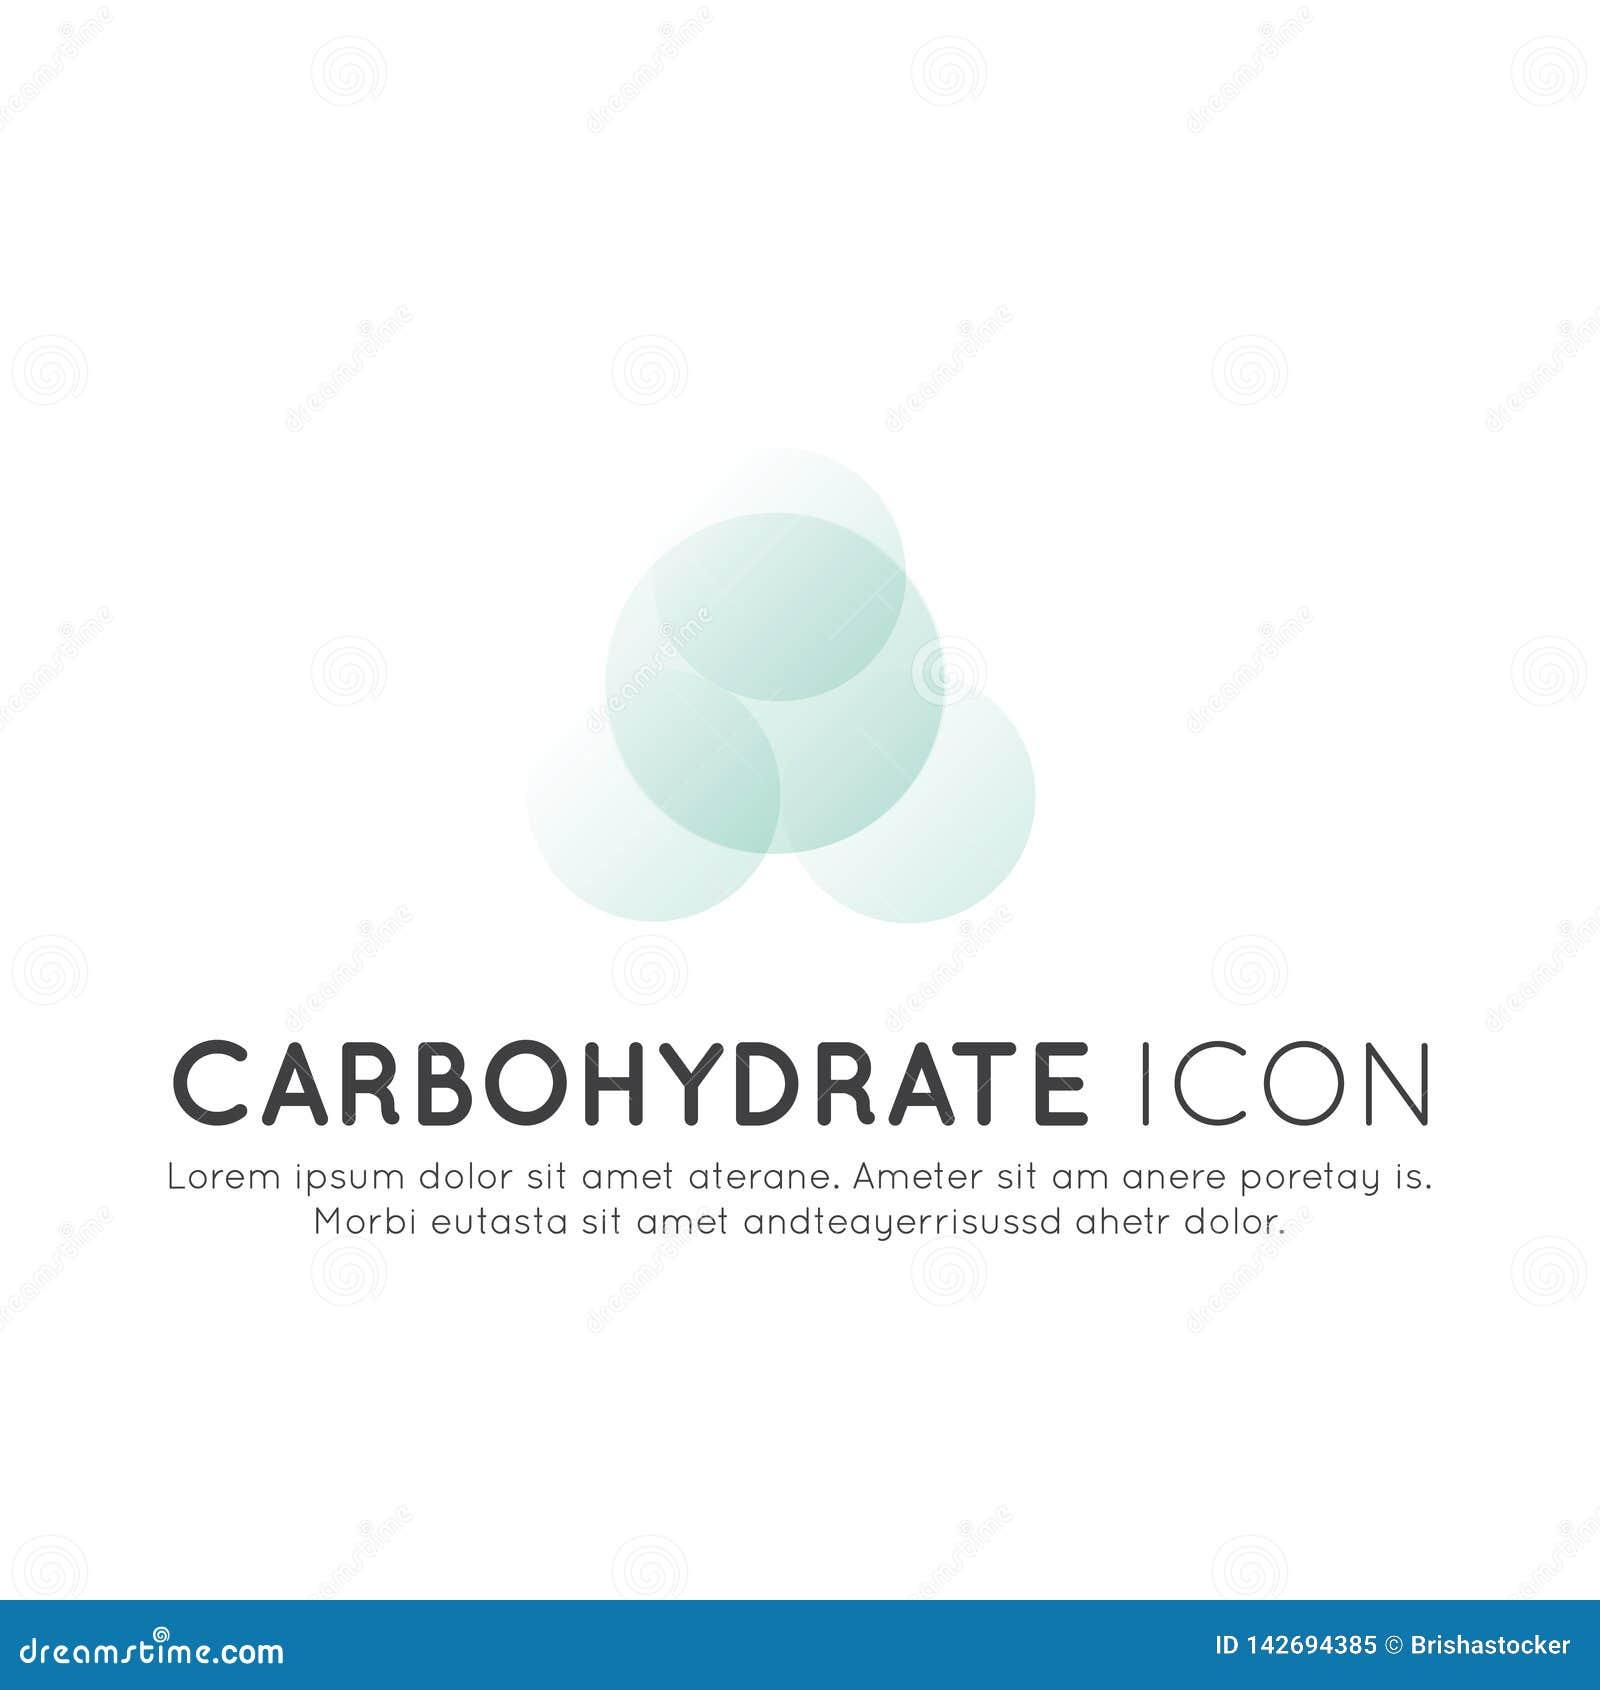 Logo nadprogramy, składniki, vitaments i elementy dla życiorys pakunek etykietek jedzenia, - węglowodan